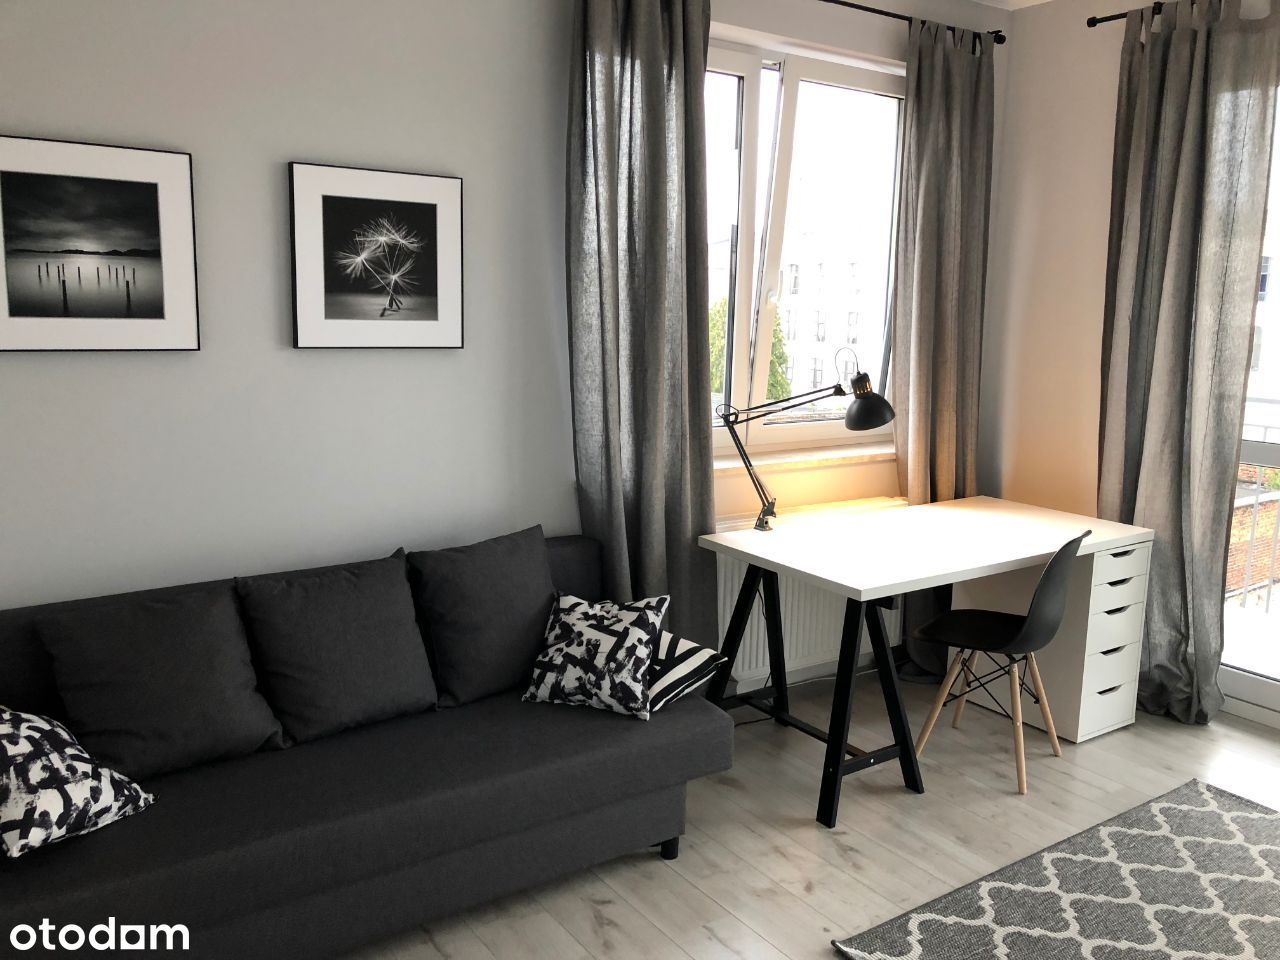 Piękny i nowy pokój - Osiedle Łąkowa